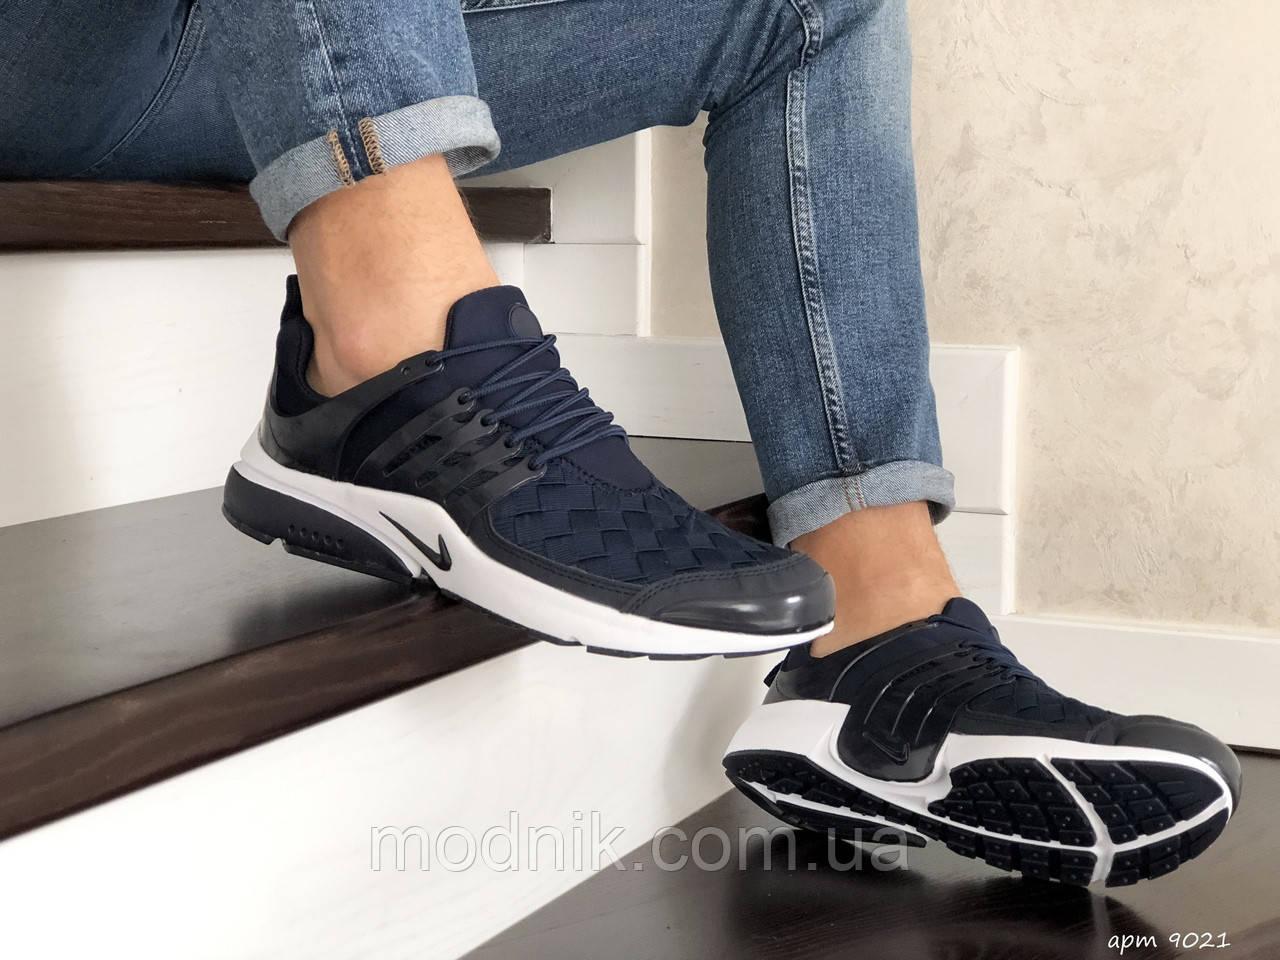 Мужские кроссовки Nike Air Presto TP QS (темно-синие) 9021